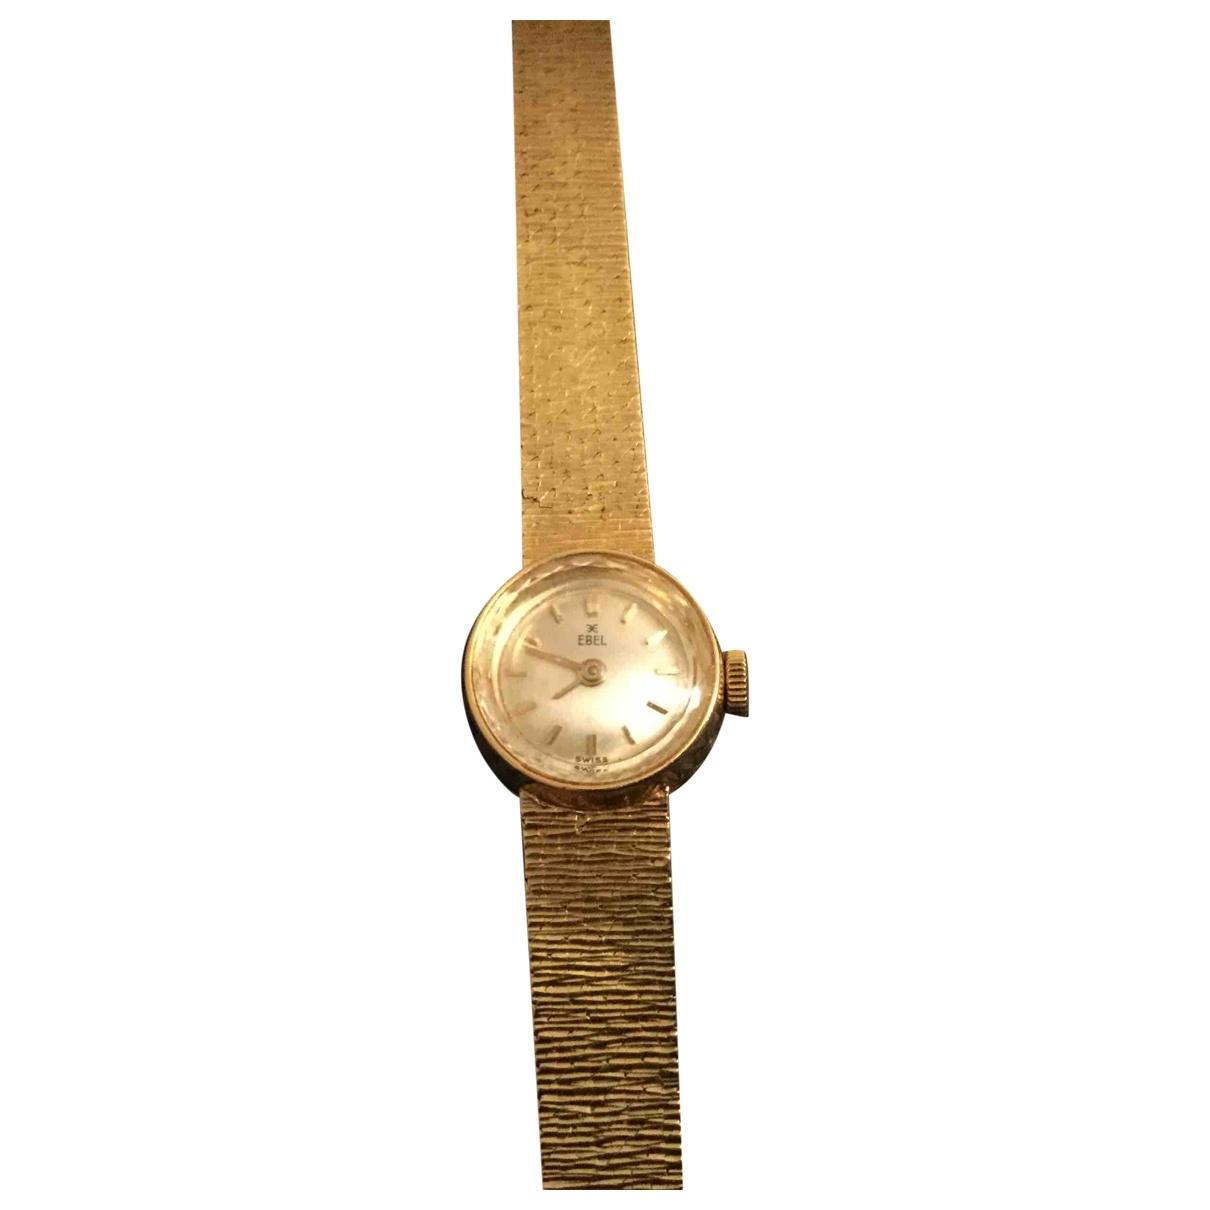 Ebel \N Uhr in  Gold Gelbgold